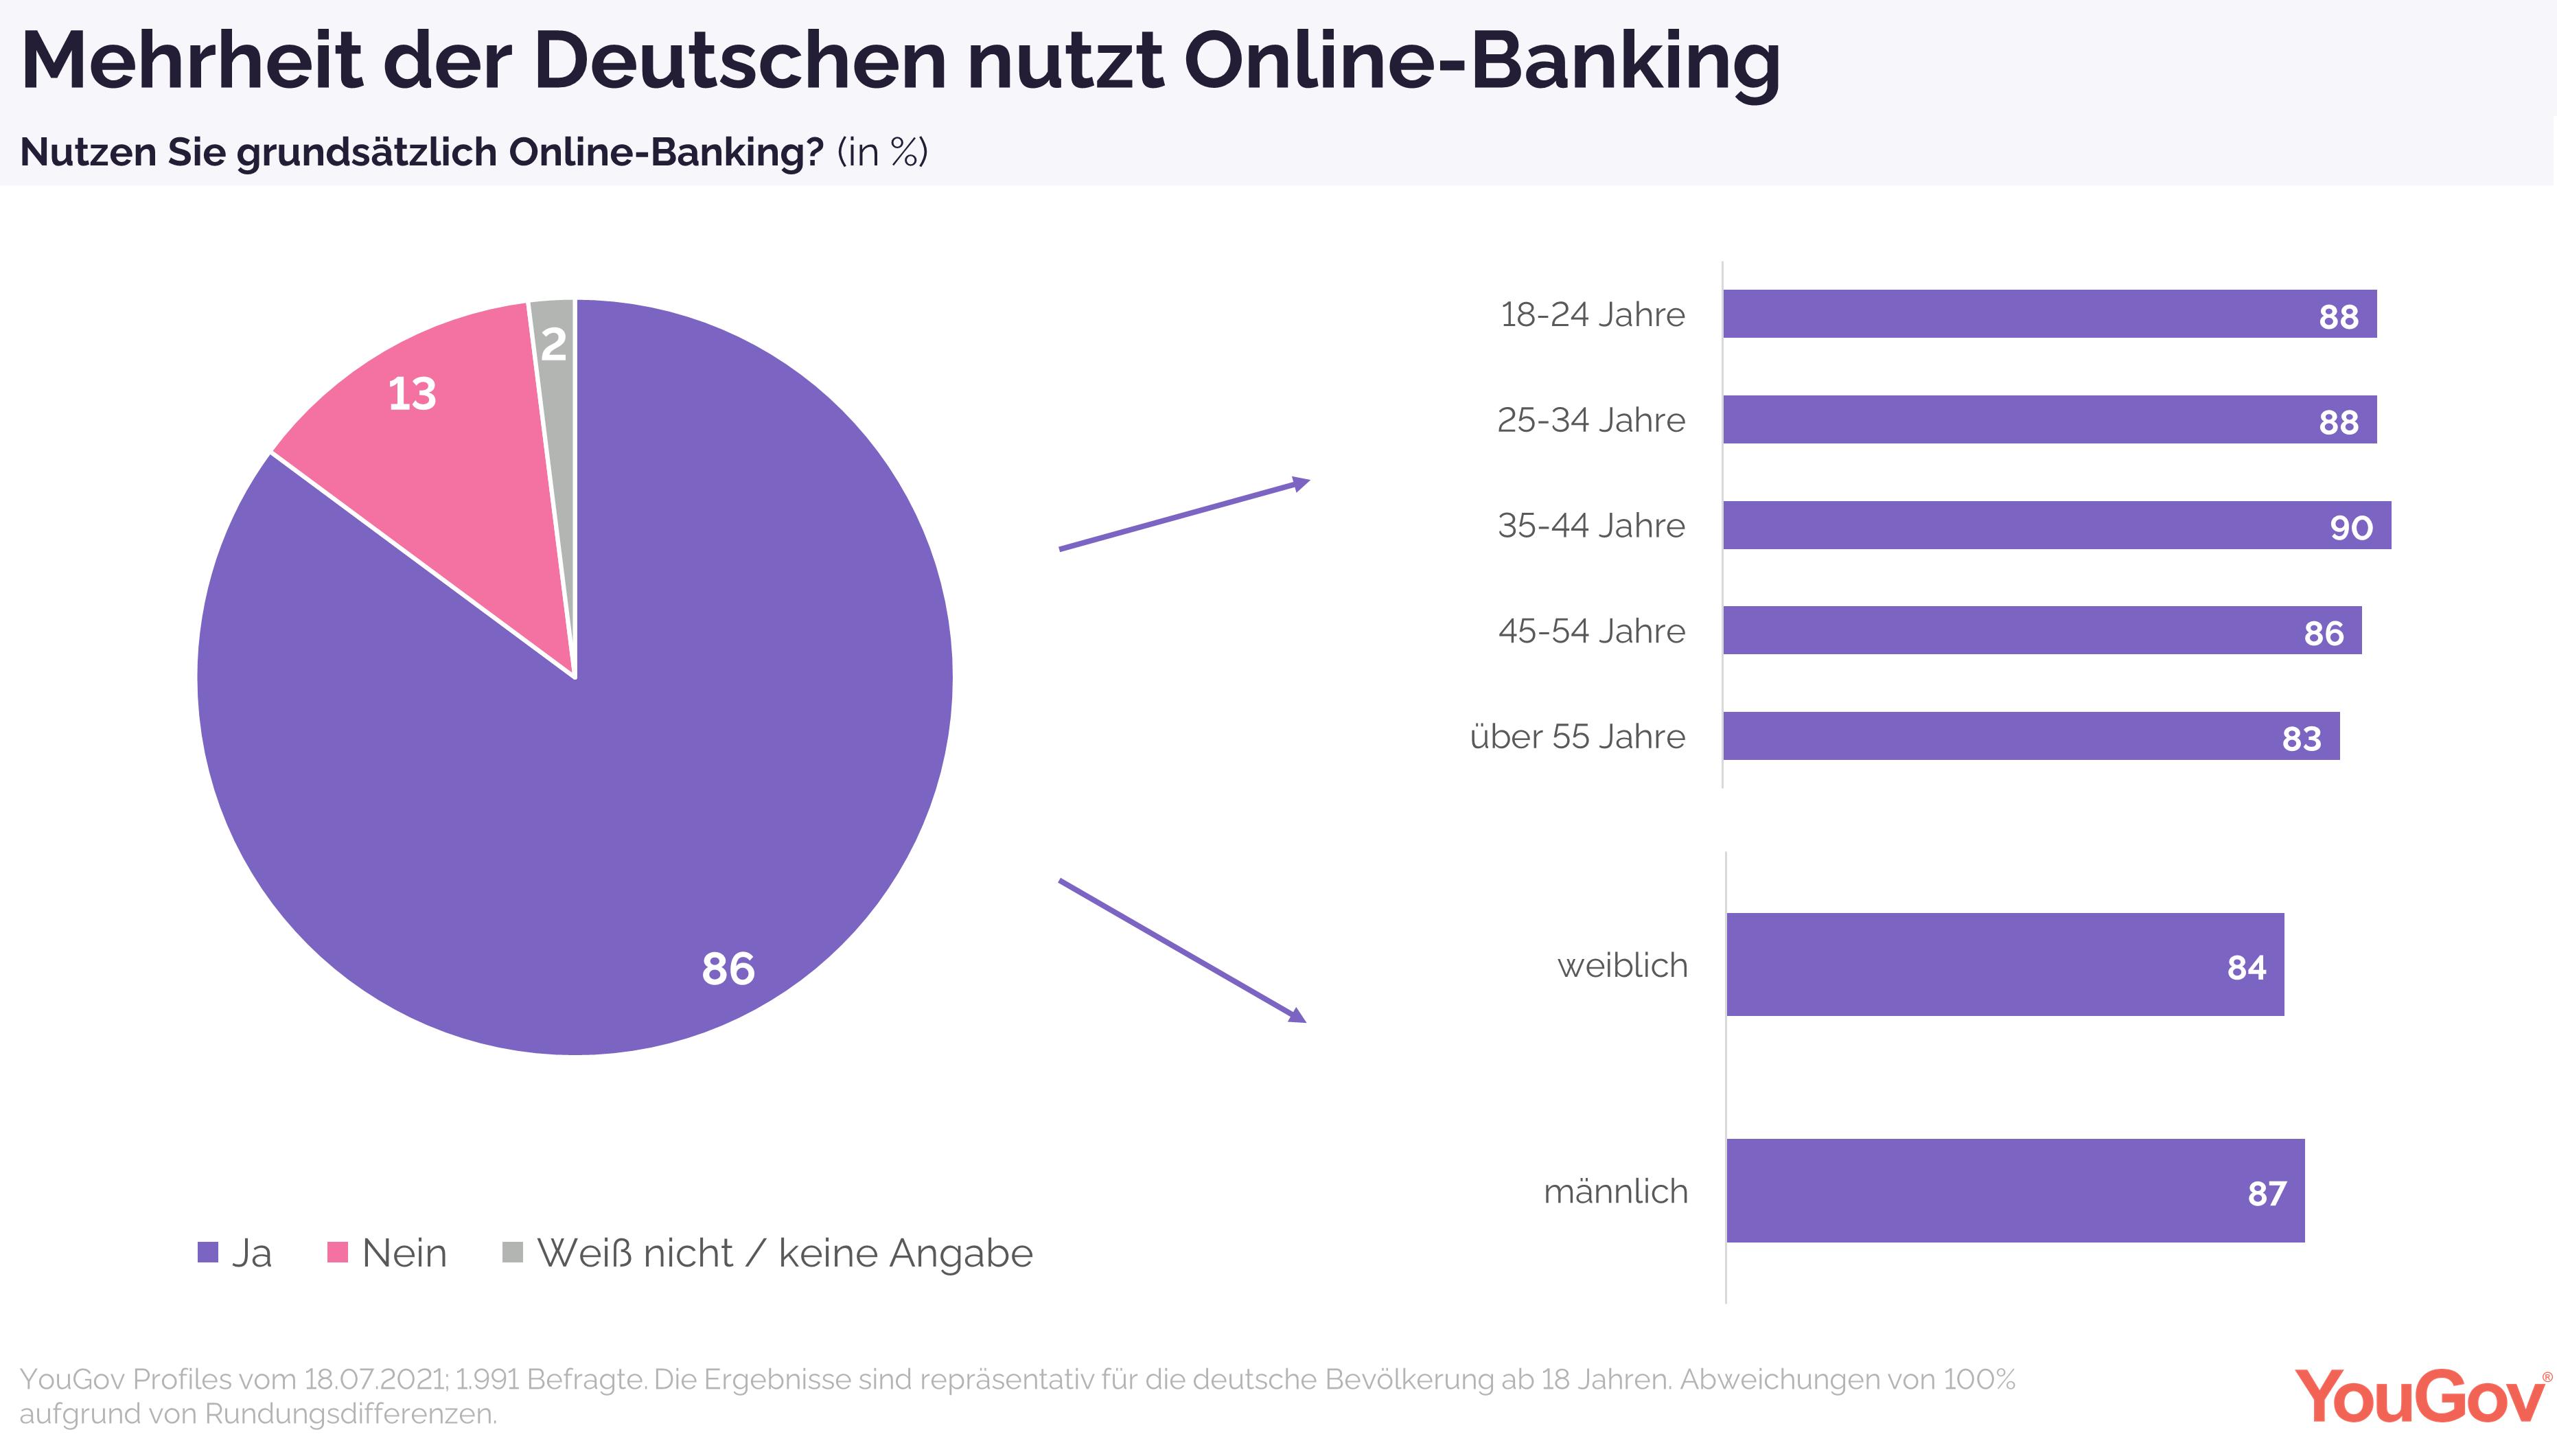 Mehrheit der Deutschen nutzt Online-Banking